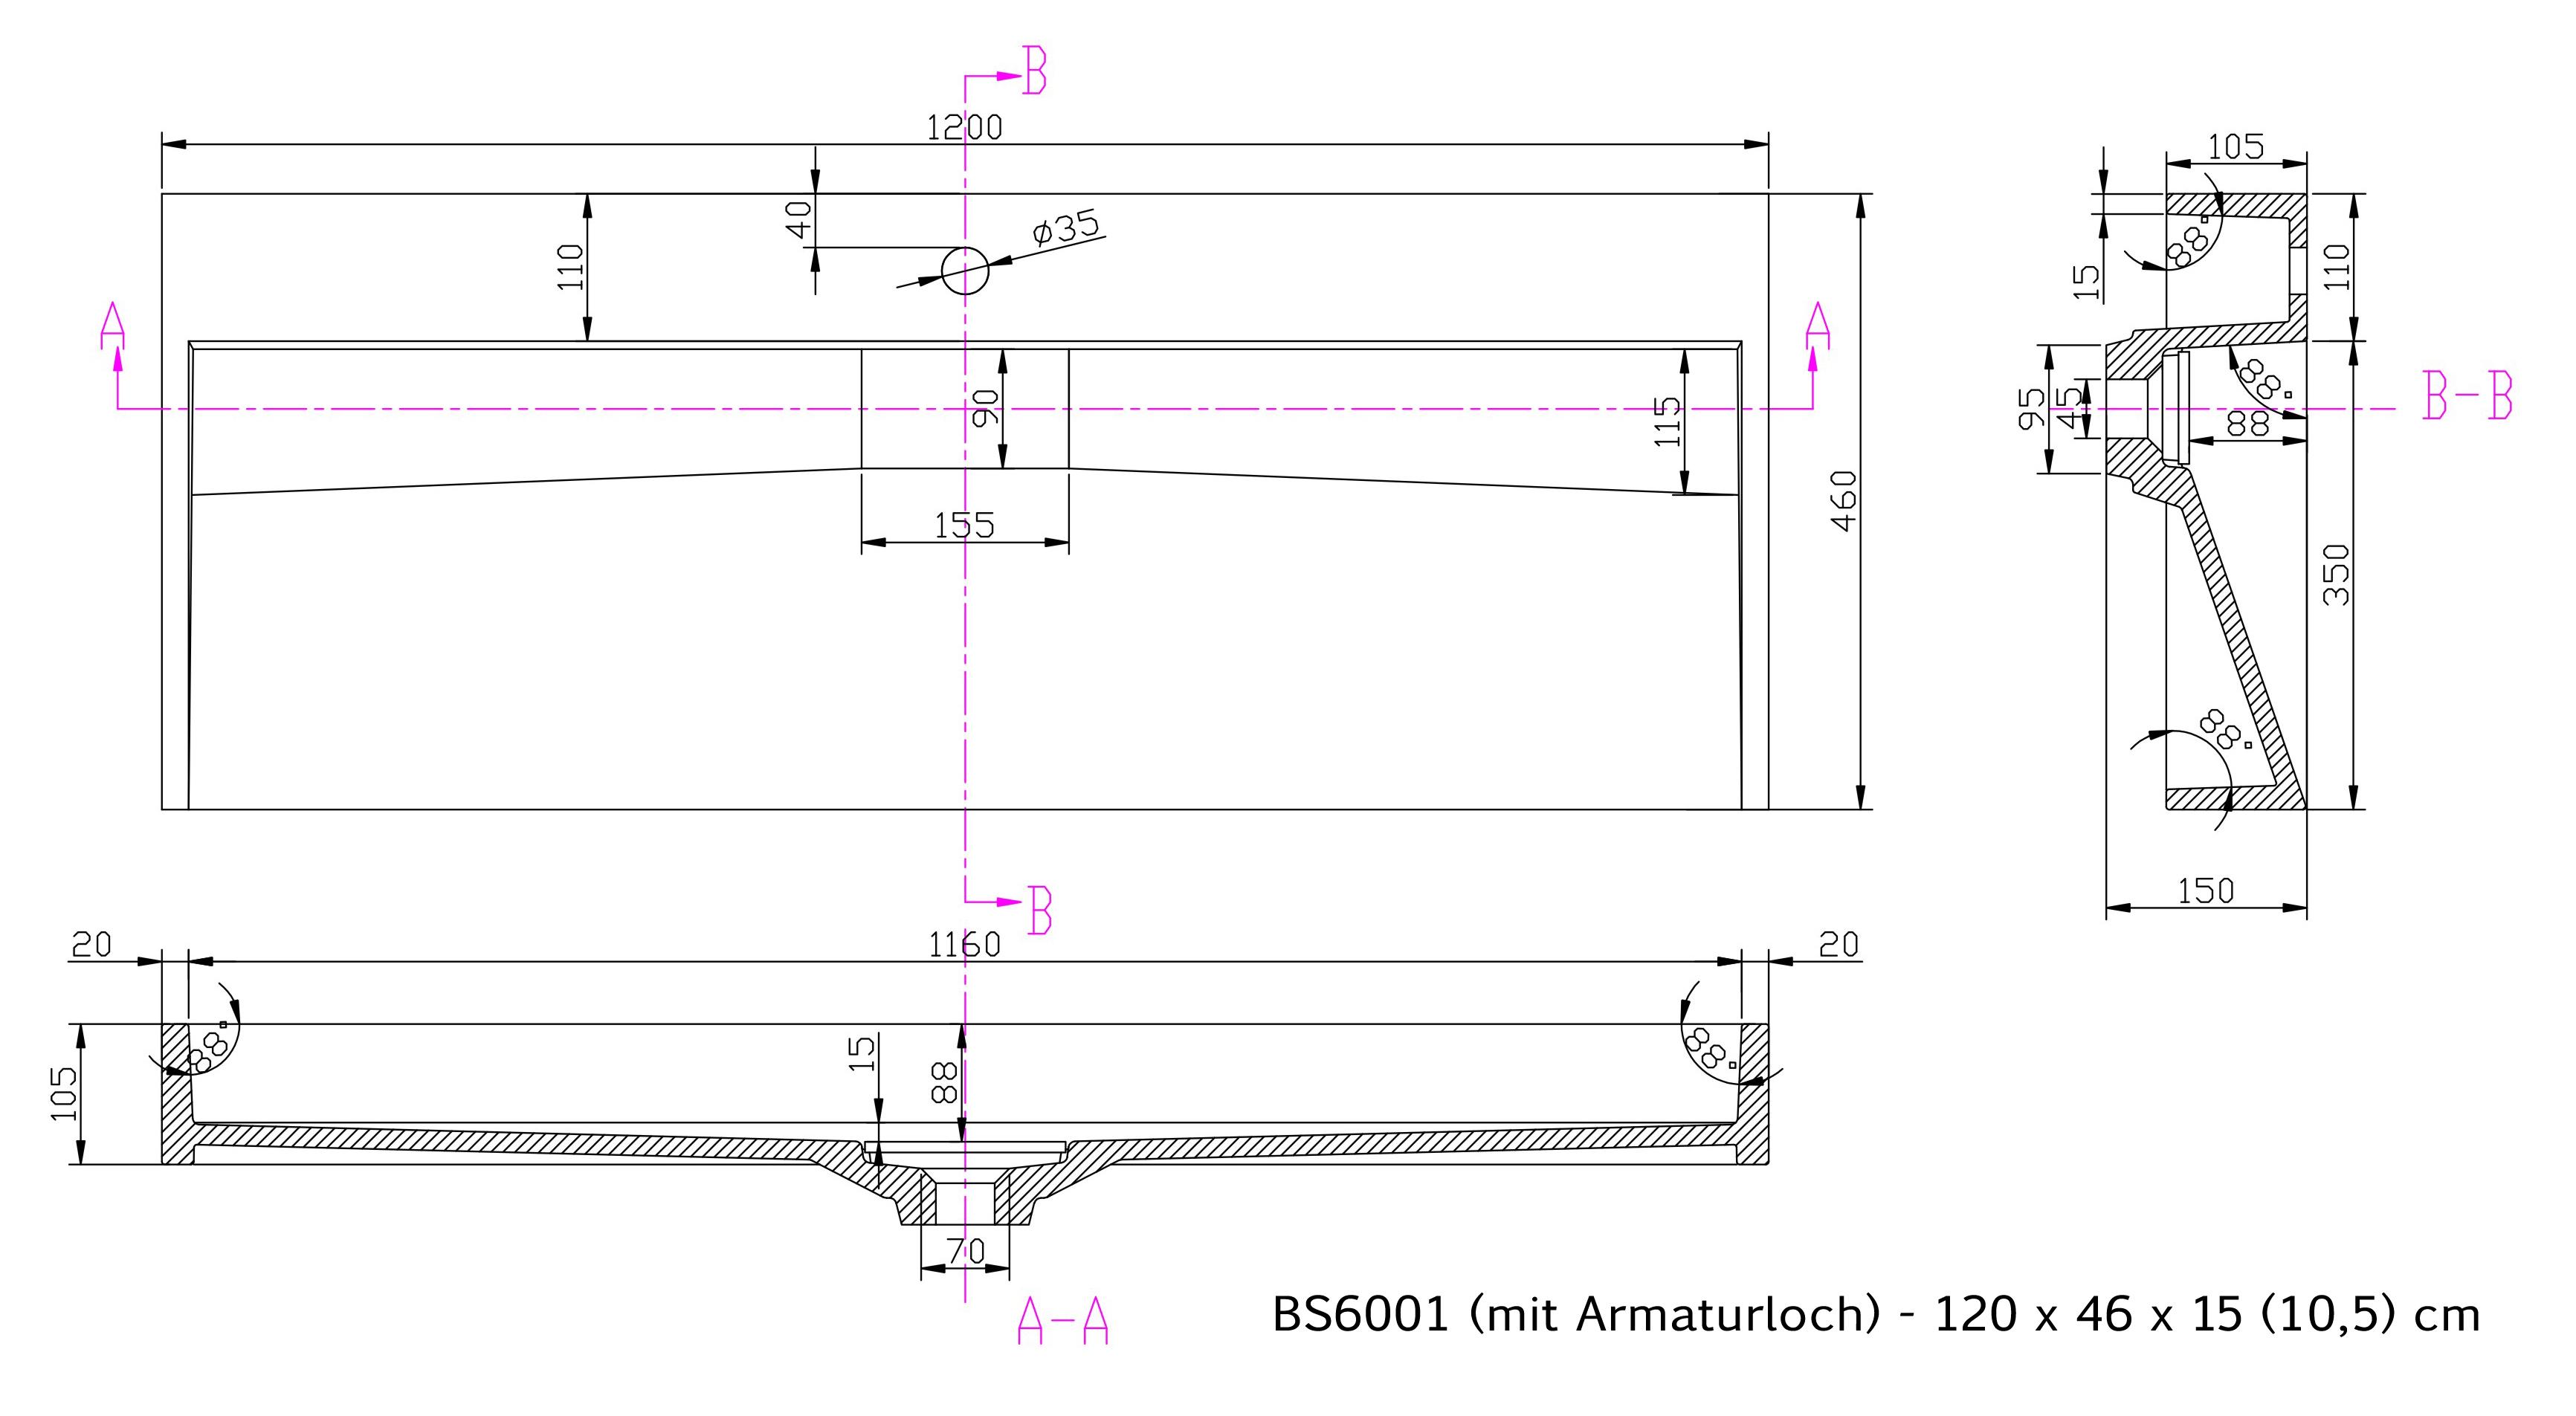 BS6001 - Breite 120cm - mit Armaturloch